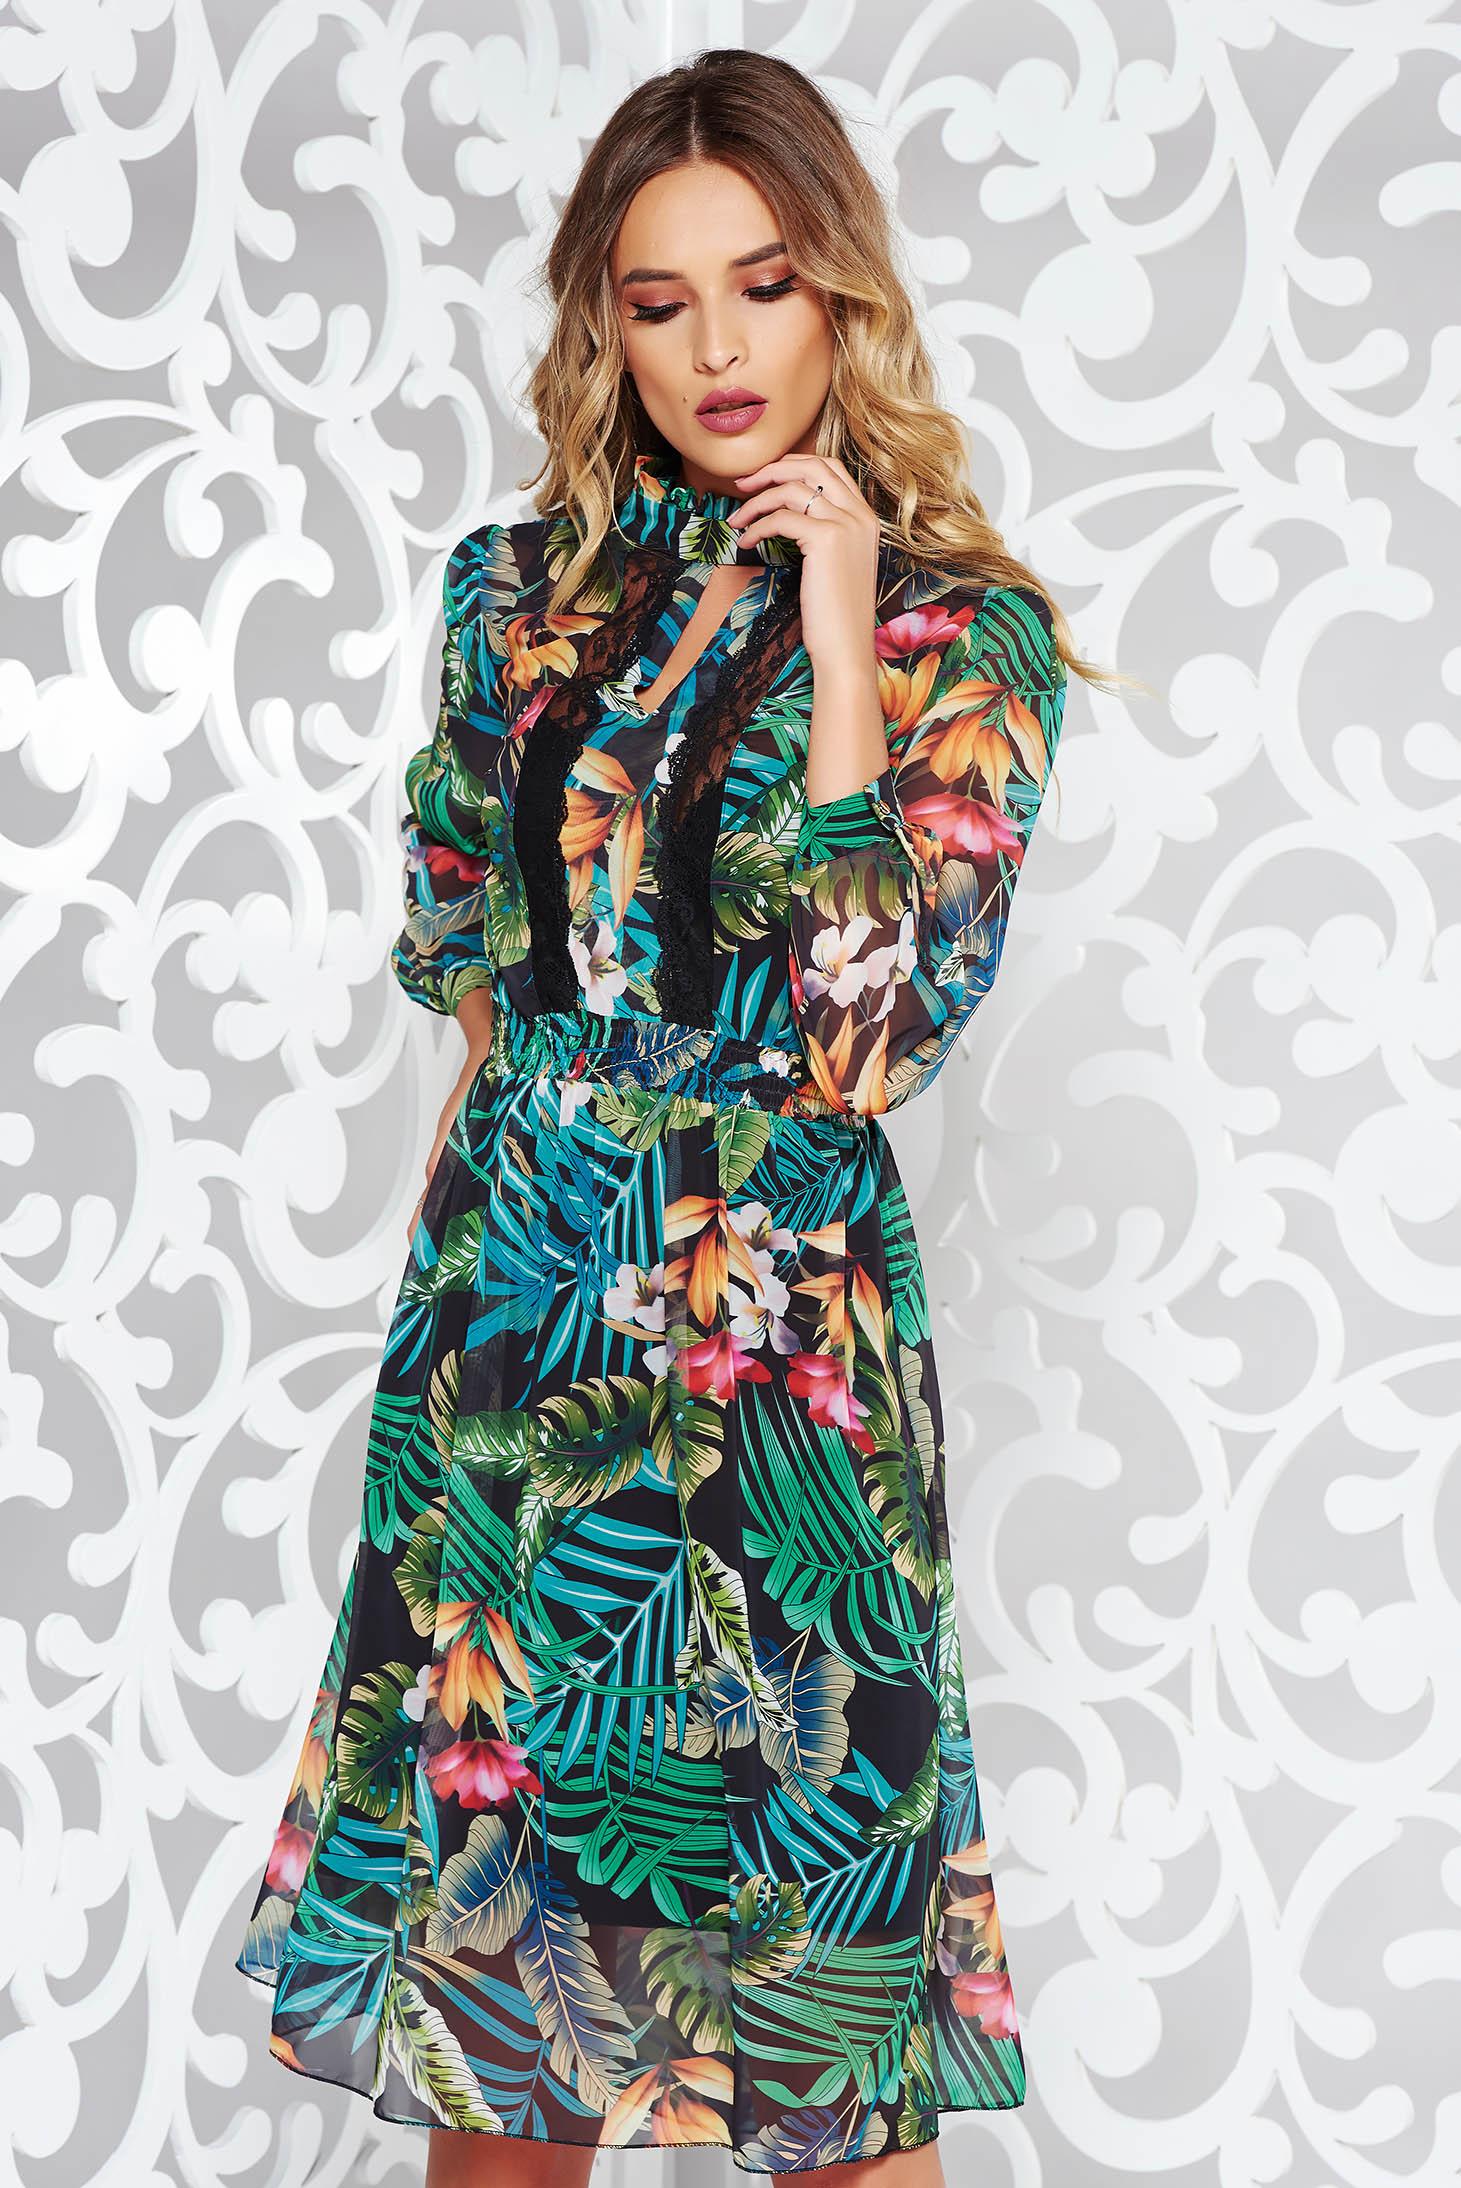 Zöld elegáns harang fátyol ruha virágmintás csipke díszítéssel